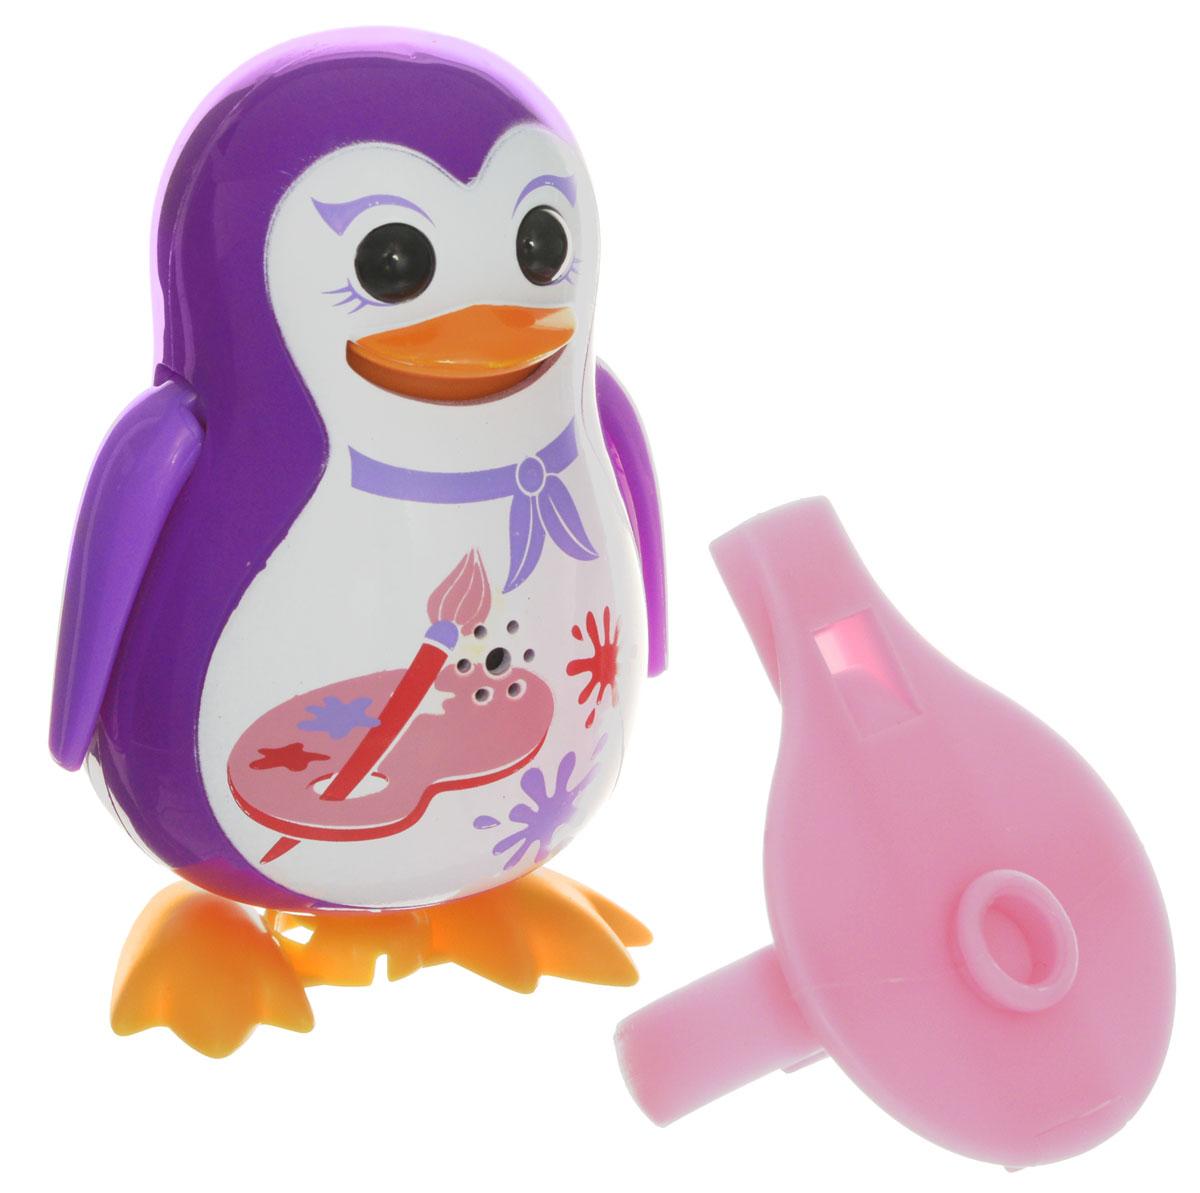 DigiFriends Интерактивная игрушка Пингвин с кольцом цвет фиолетовый88333_фиолетовыйУ вас есть шанс получить уникального домашнего питомца - поющего пингвина. Не каждый может похвастаться этим. Эта интерактивная игрушка будет развлекать вас различными мелодиями, пением и ритмичными движениями. Для активизации пингвина необходимо подуть на него. Чтобы активировать режим проигрывания мелодий достаточно посвистеть в свисток, который имеется в комплекте. Игрушка издает 55 вариантов мелодий и звуков. Кольцо-свисток может служить как переносной насест для пингвина. Ребенок может надеть кольцо на два пальца, закрепить там игрушку и свободно играть или даже бегать. Пингвин DigiFriends устойчив на любой ровной поверхности. Игрушка может качаться, крутиться, махать крыльями и шевелить клювом в такт мелодии. Игрушка работает в двух режимах: соло и хор. Можно синхронизировать неограниченное количество пингвинов или других персонажей DigiFriends. Главным в хоре становится персонаж, которого первого включили. Необходимо размещать DigiFriends на...